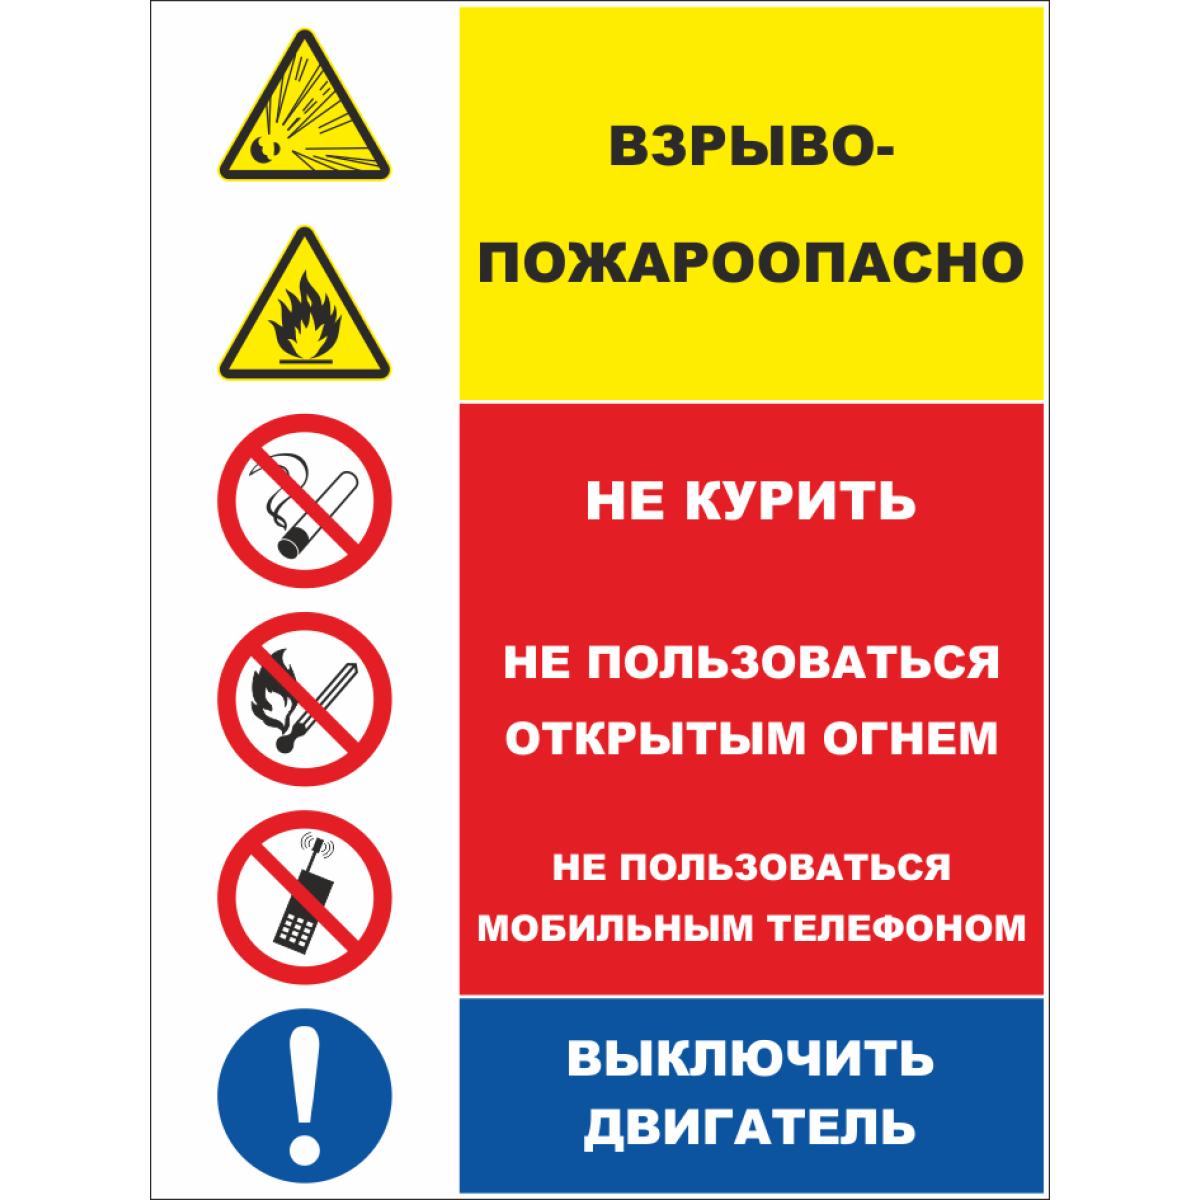 299 Плакат со знаками со знаками Взрыво-пожароопасно. Не курить. Не пользоваться открытым огнем. Не пользоваться мобильным телефоном.Выключить двигатель